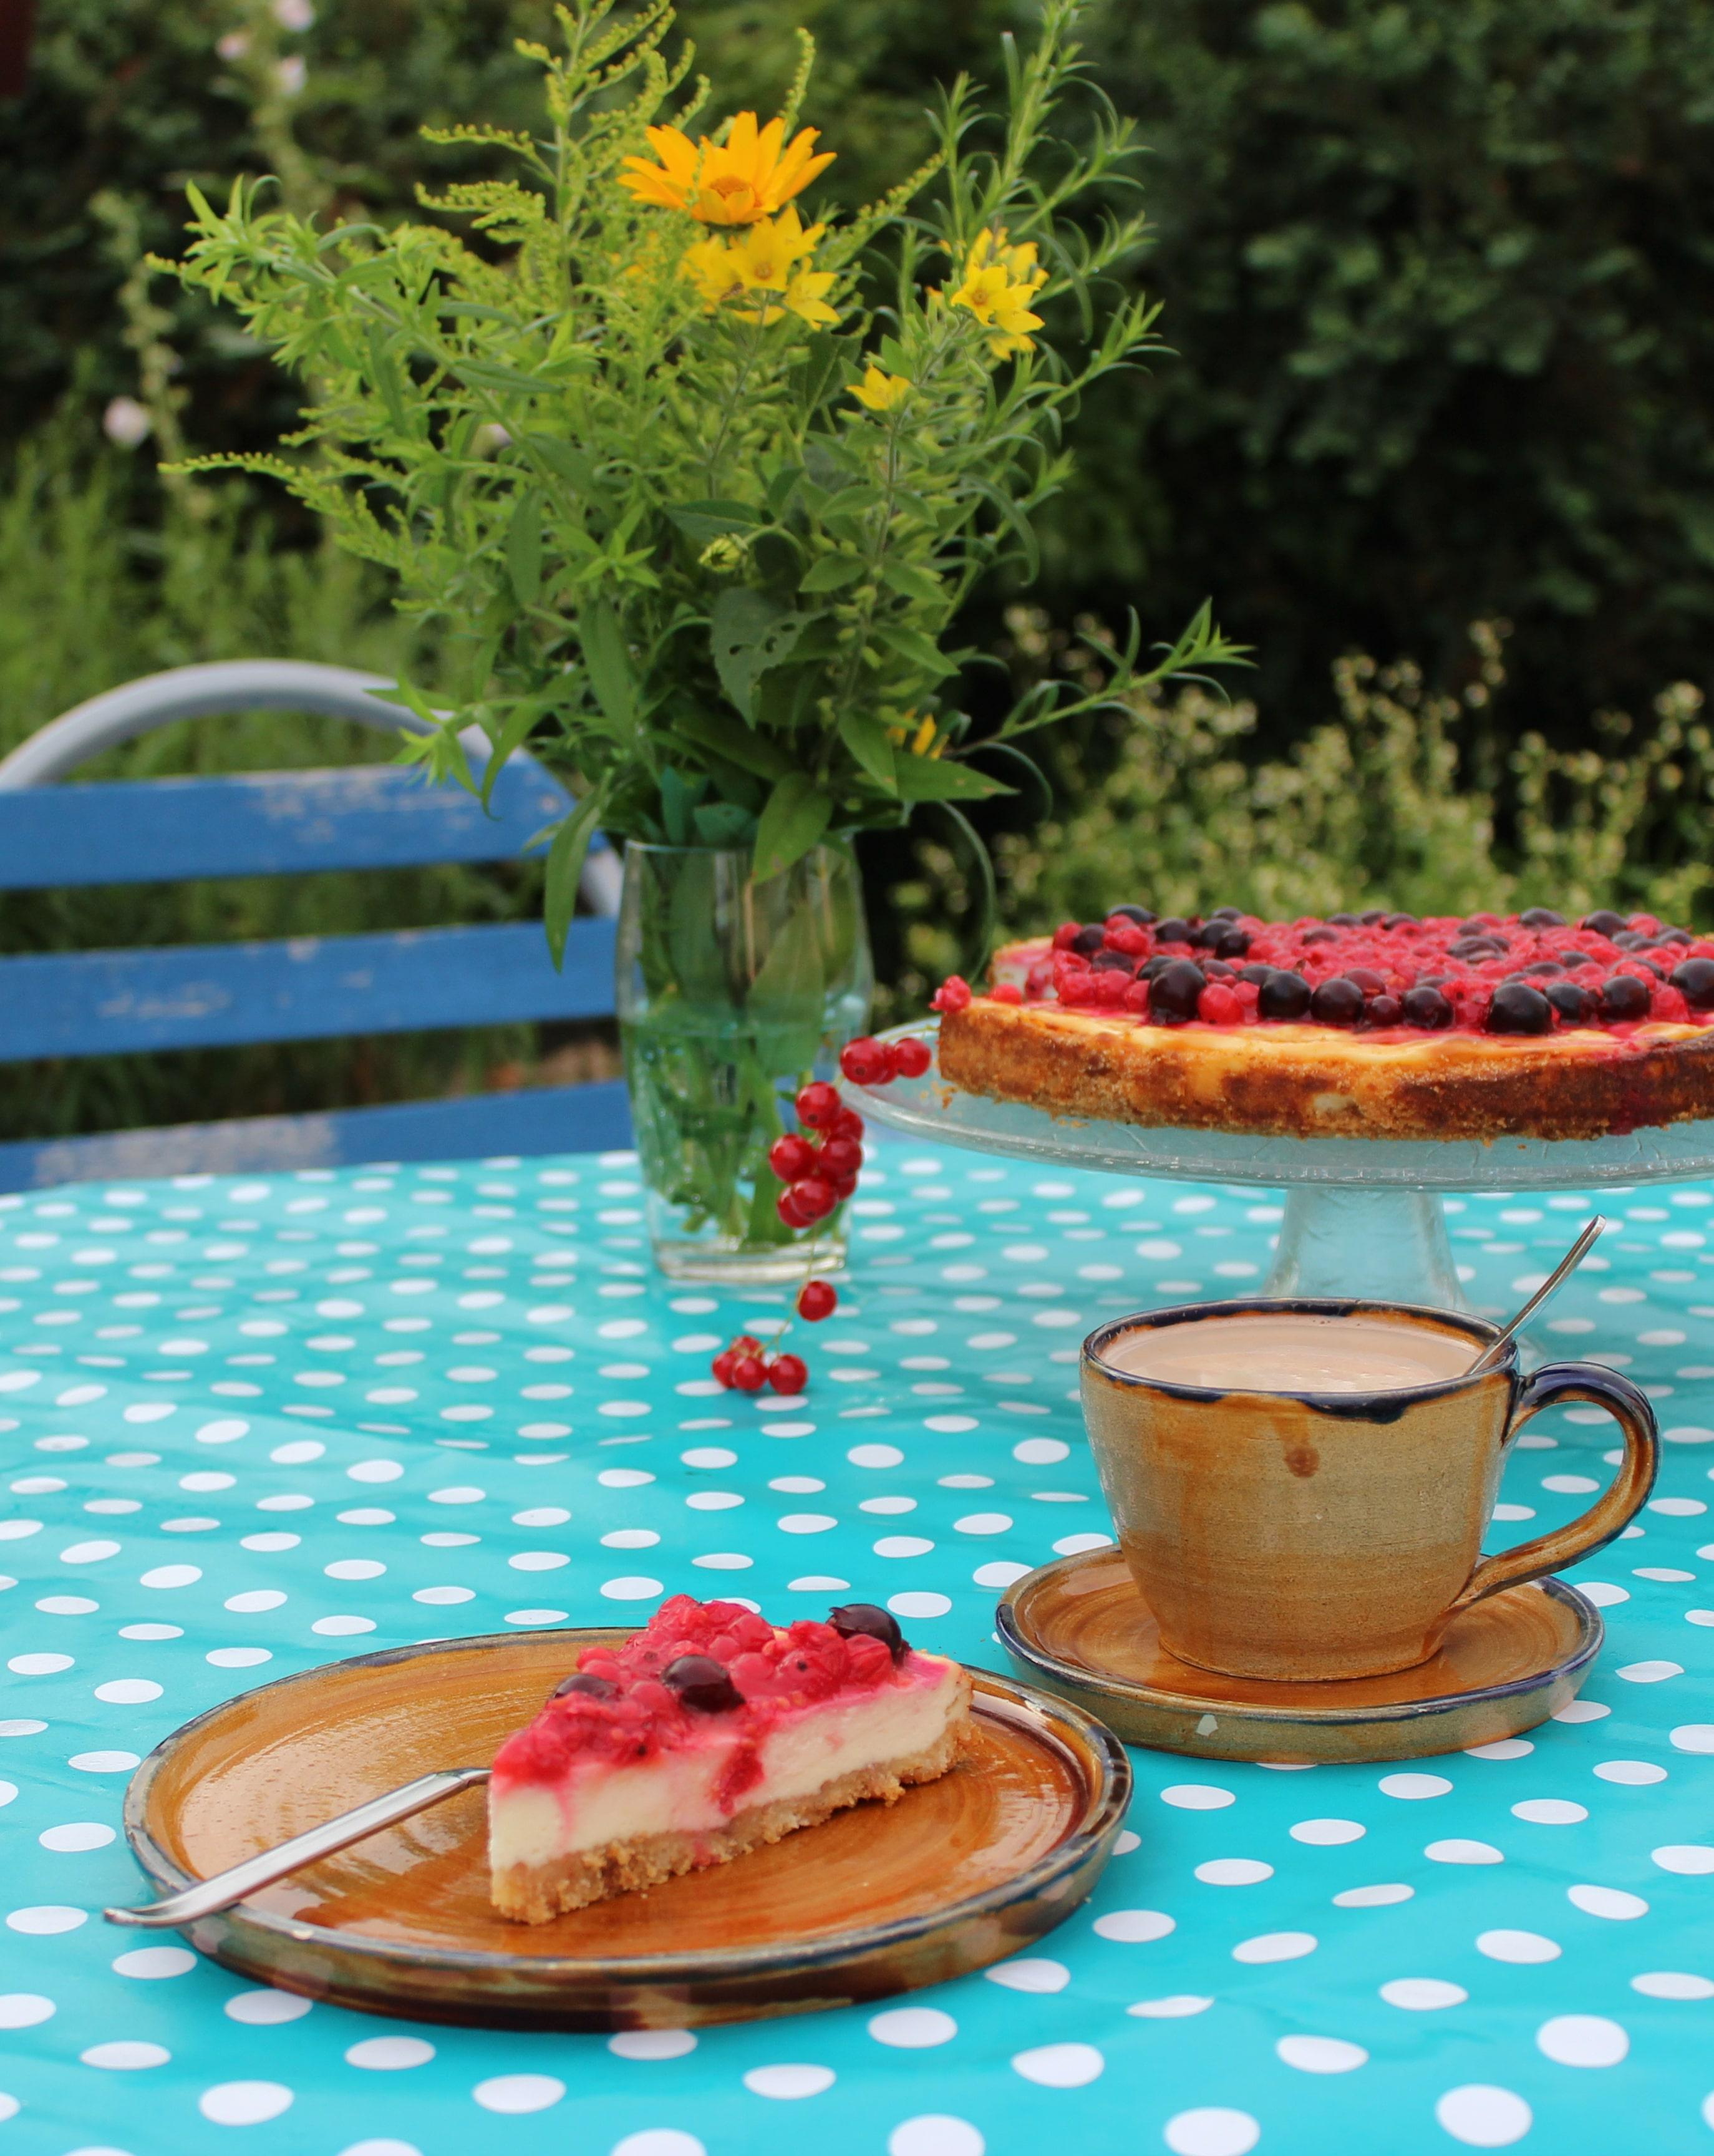 Johannisbeer-Cheesecake oder juhu, endlich Sommer im Garten!